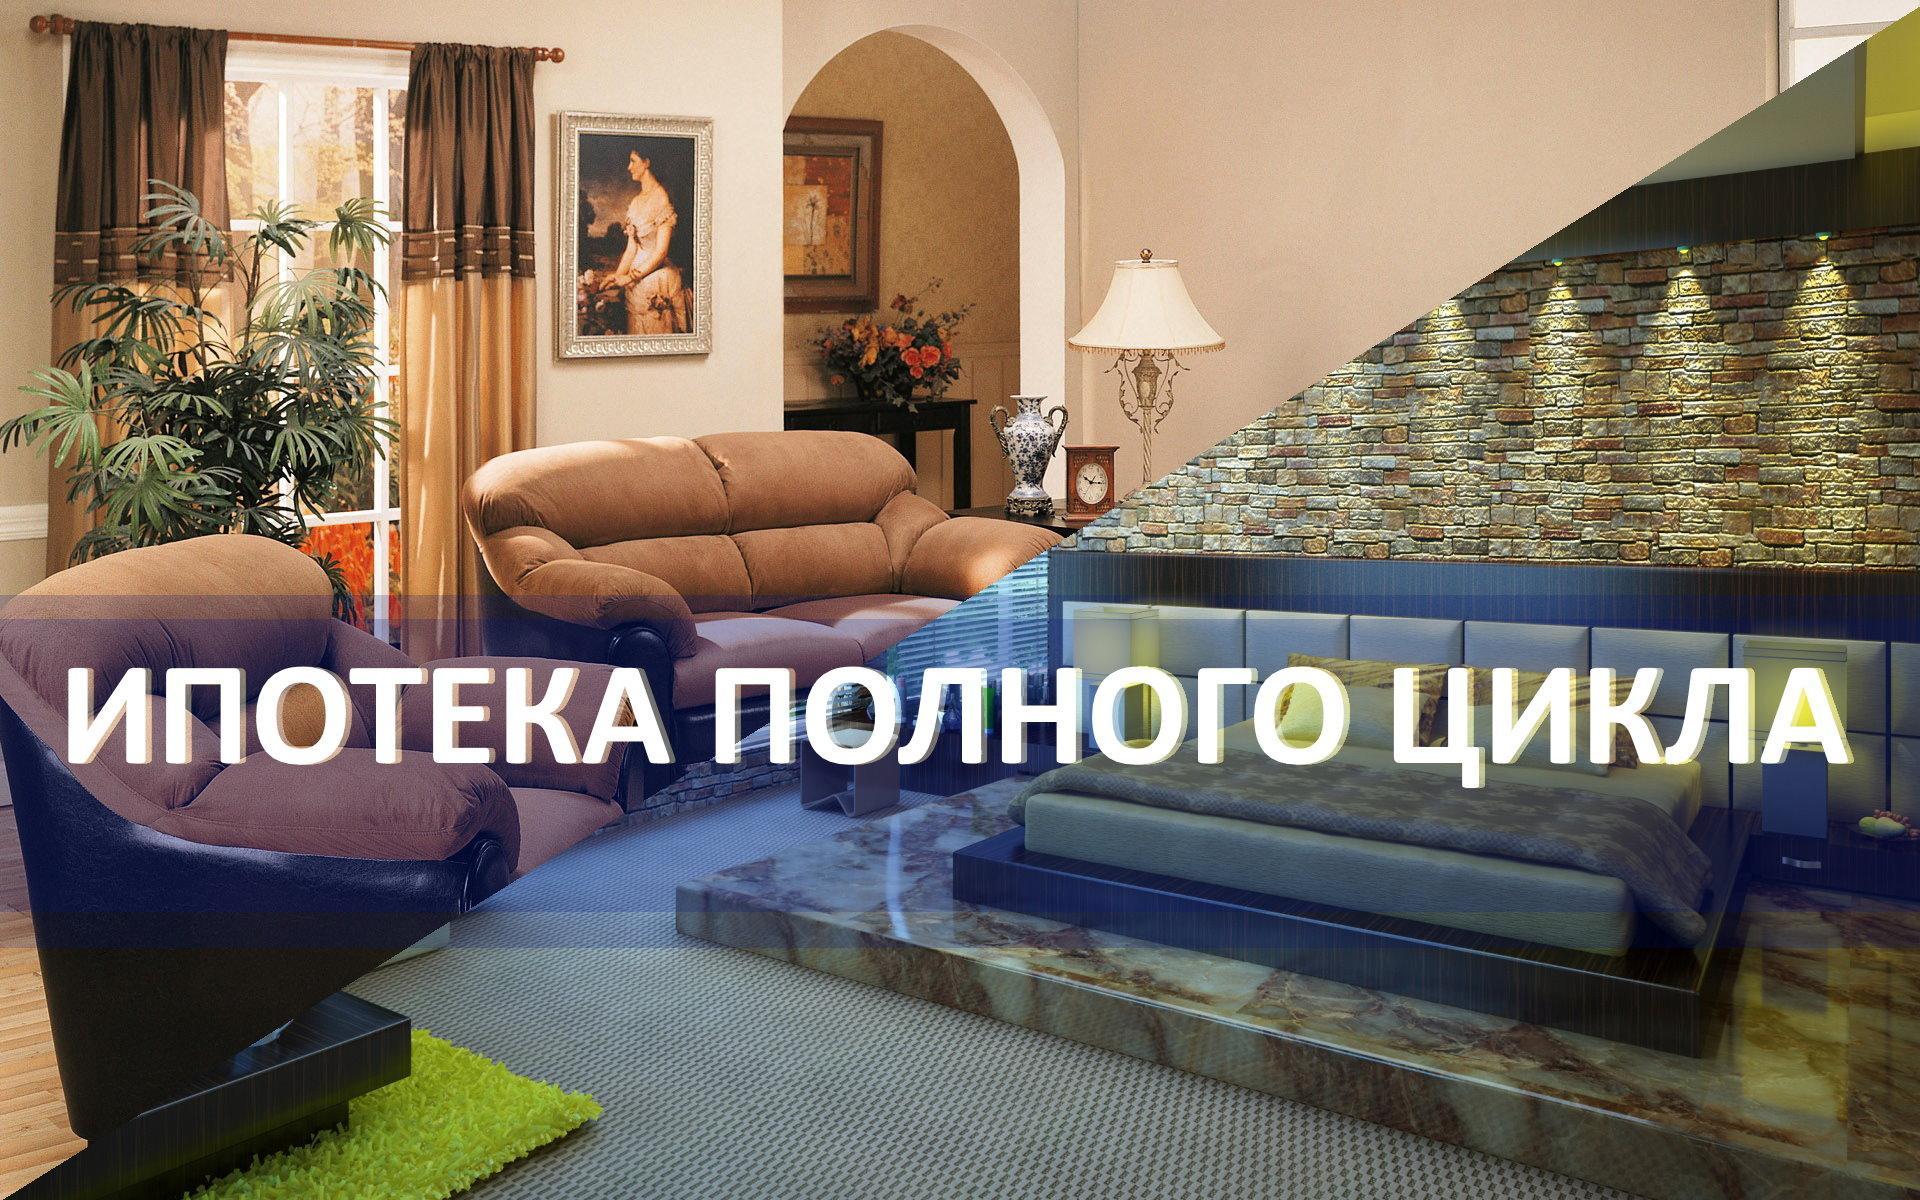 Ипотека банка «РоссельхозБанк»